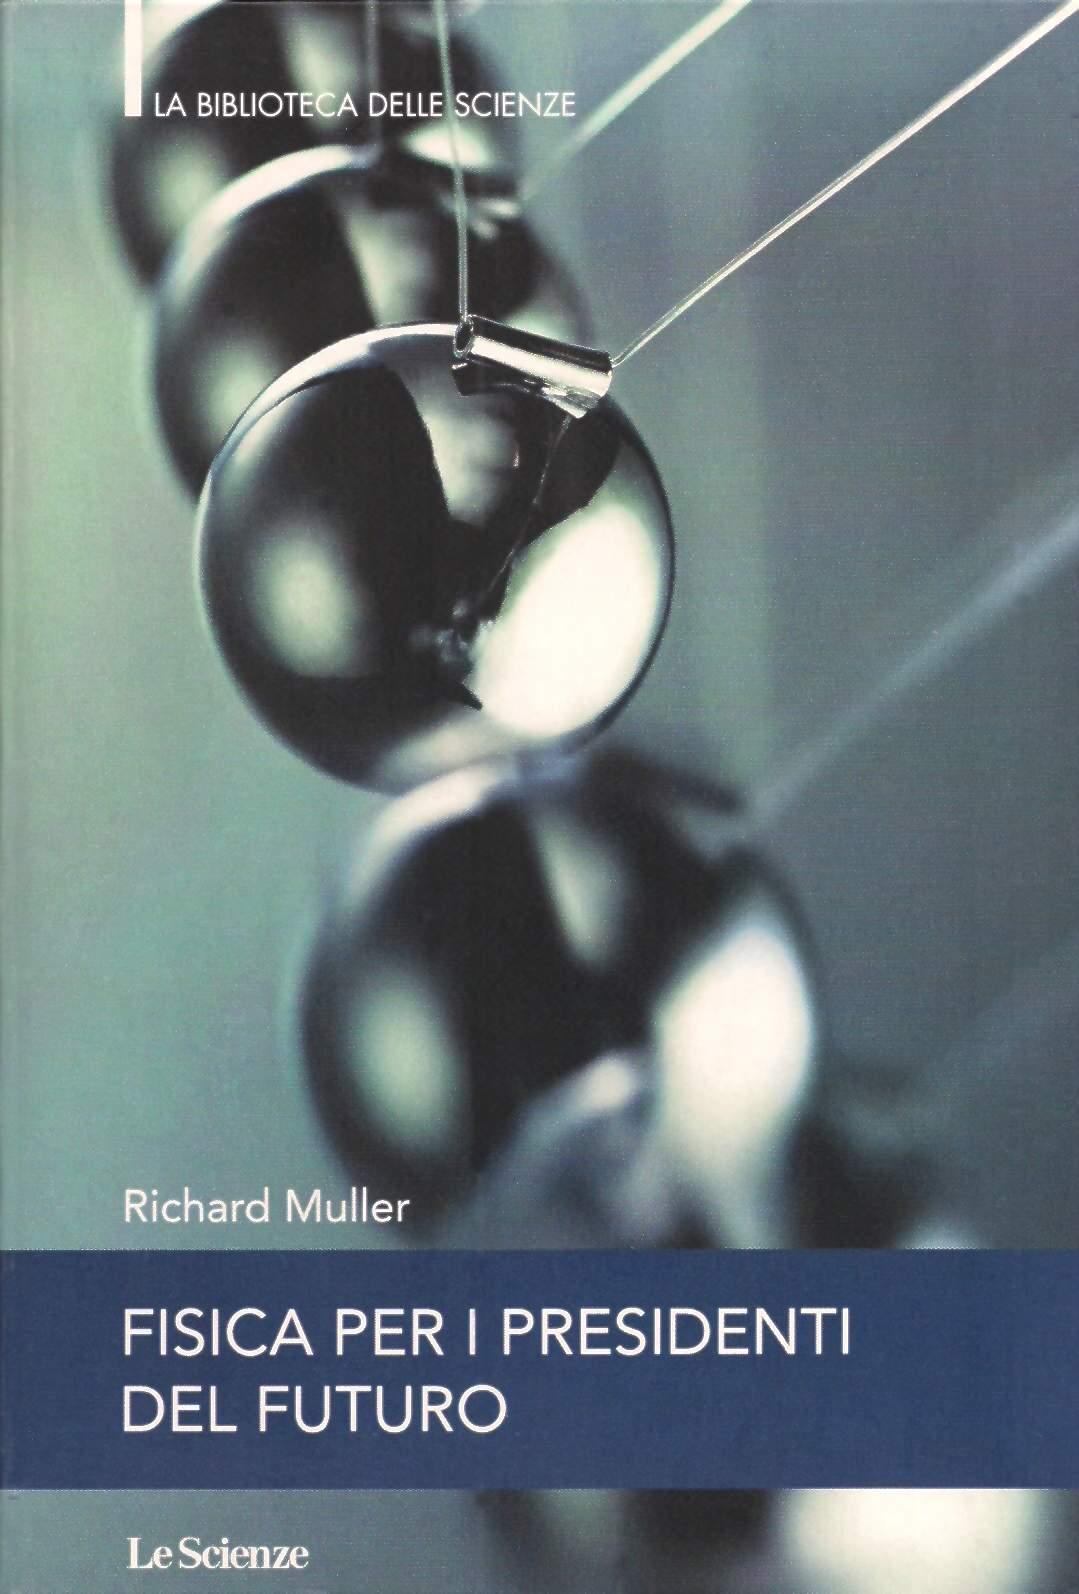 Fisica per i presidenti del futuro